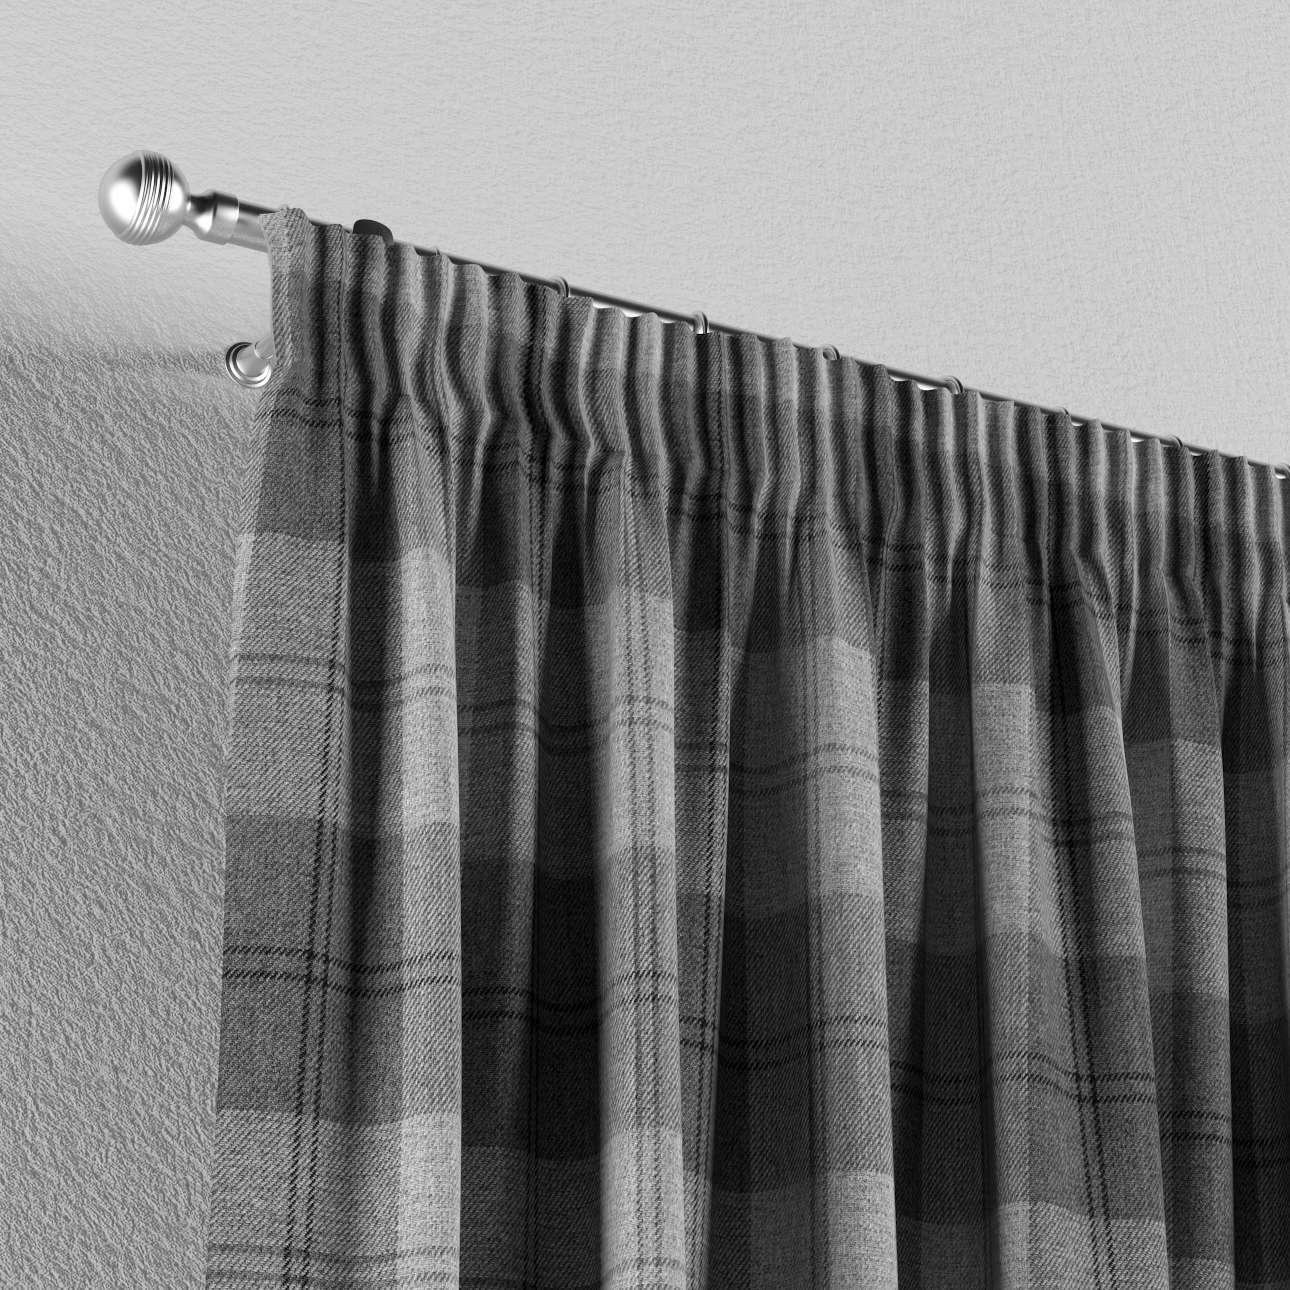 Zasłona na taśmie marszczącej 1 szt. w kolekcji Edinburgh, tkanina: 115-75